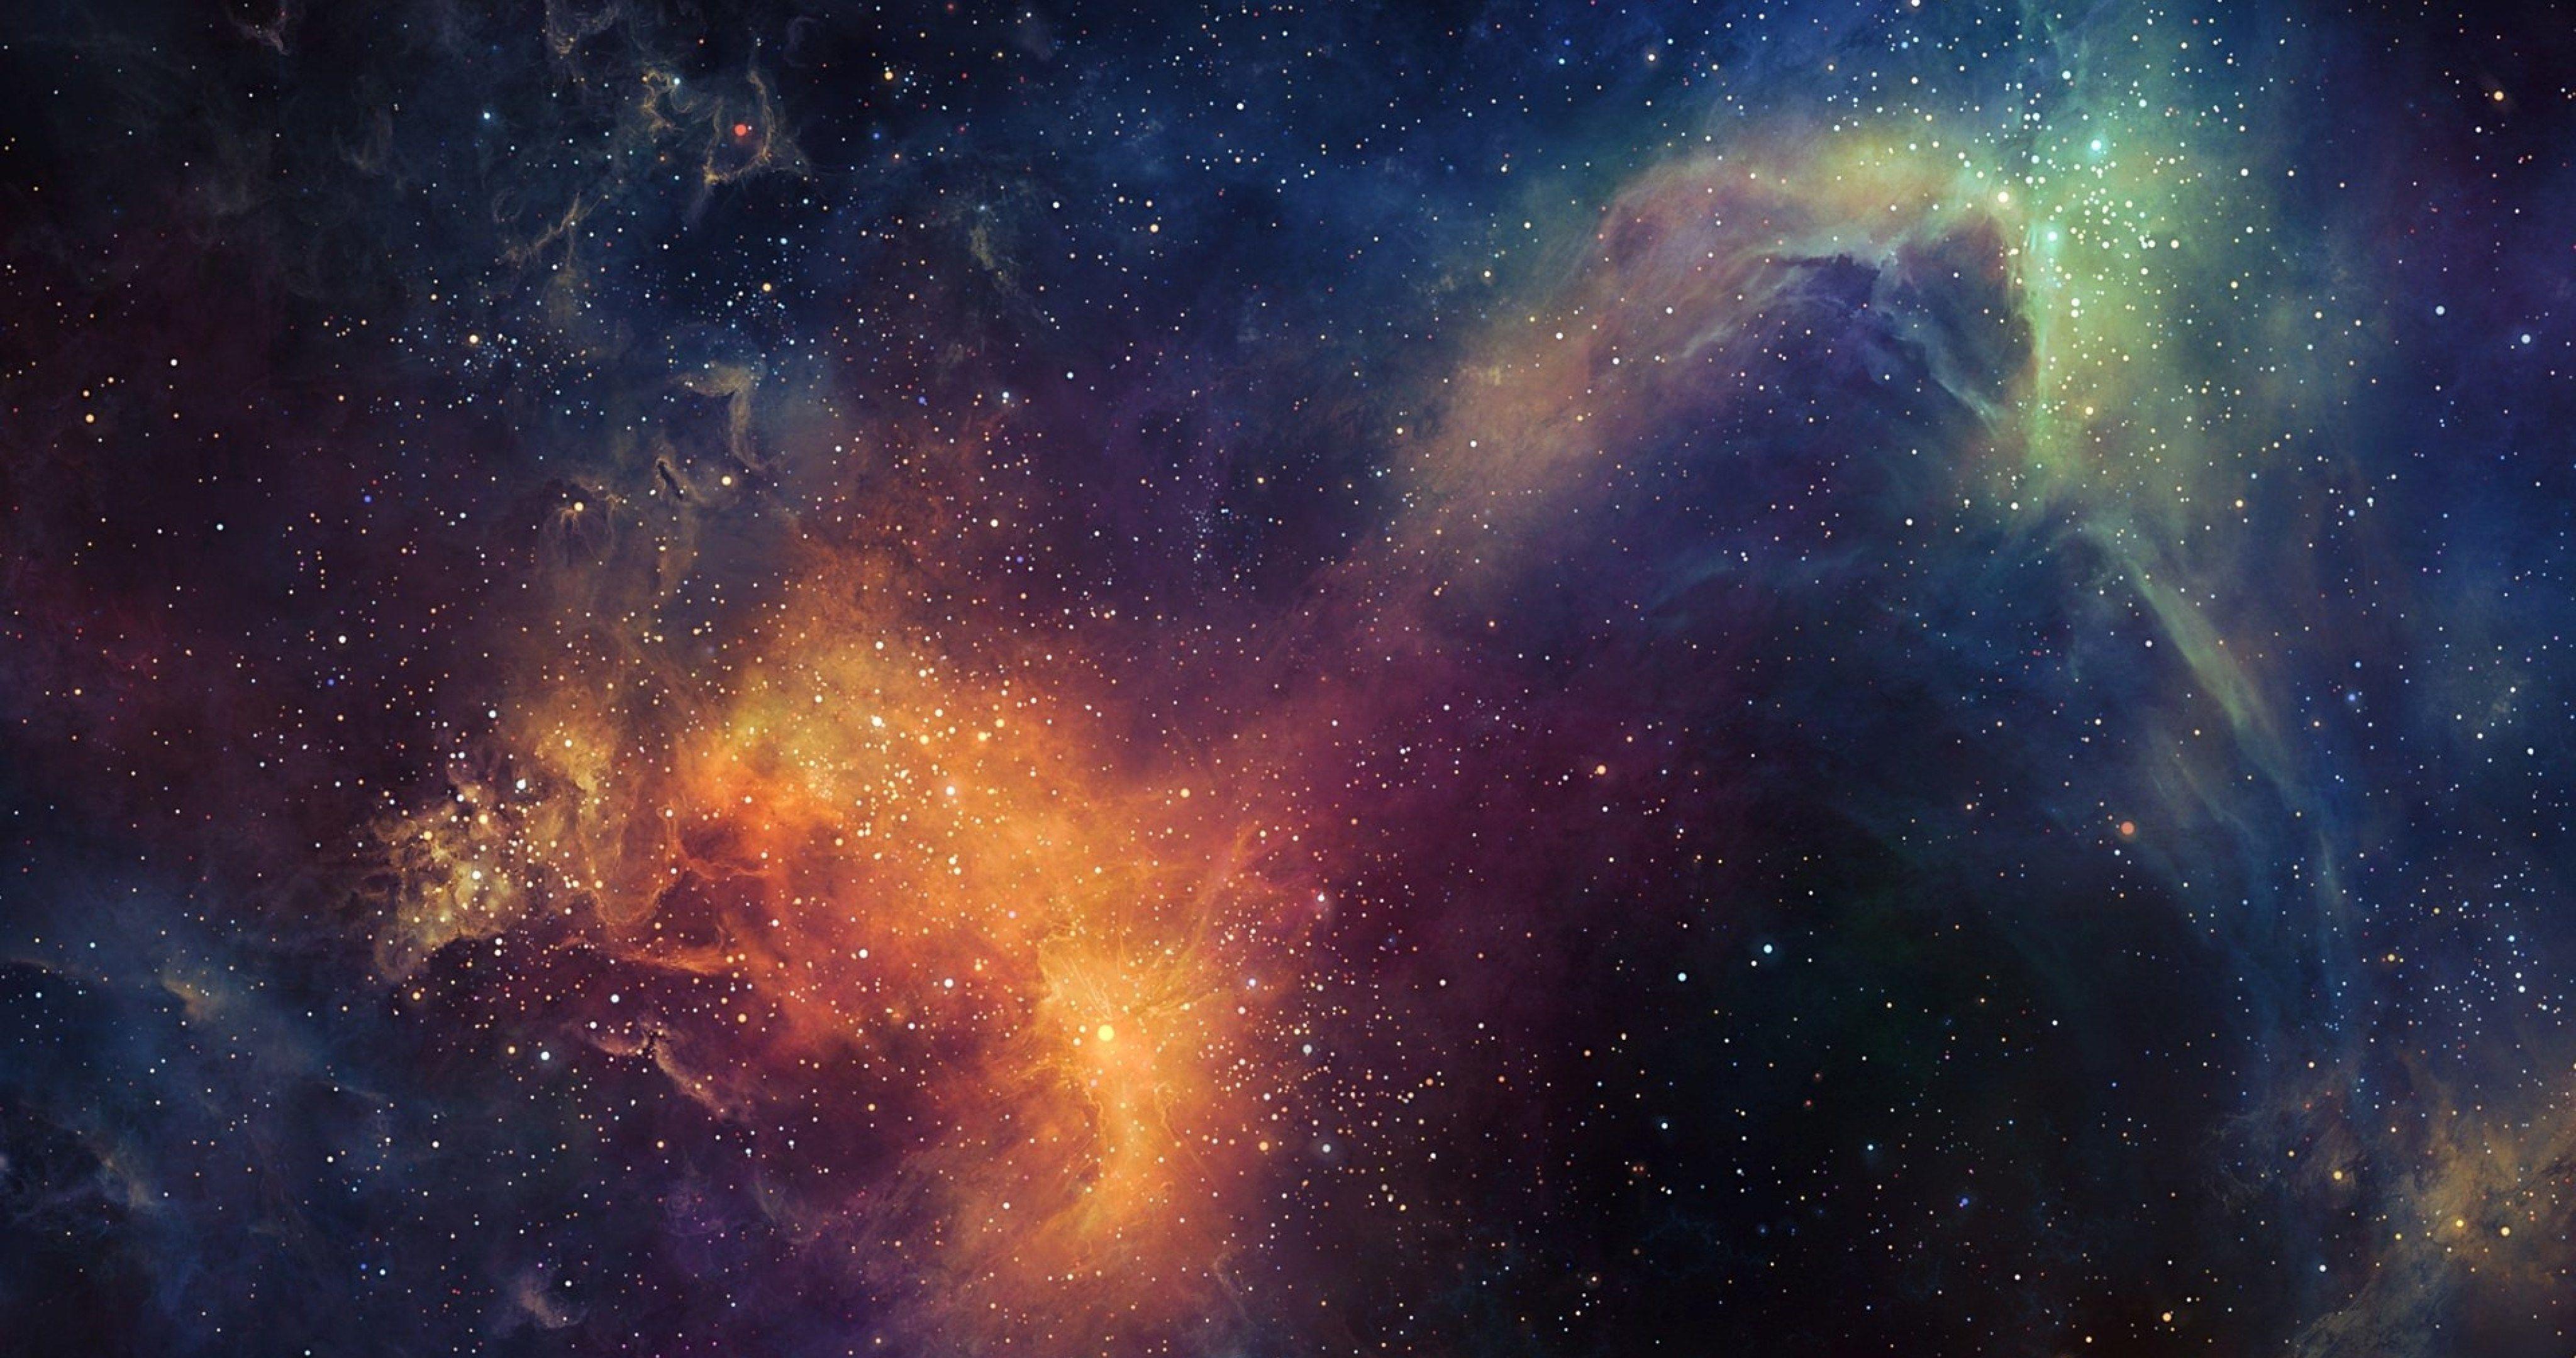 Ultra Hd Space Wallpaper 4k , HD Wallpaper & Backgrounds